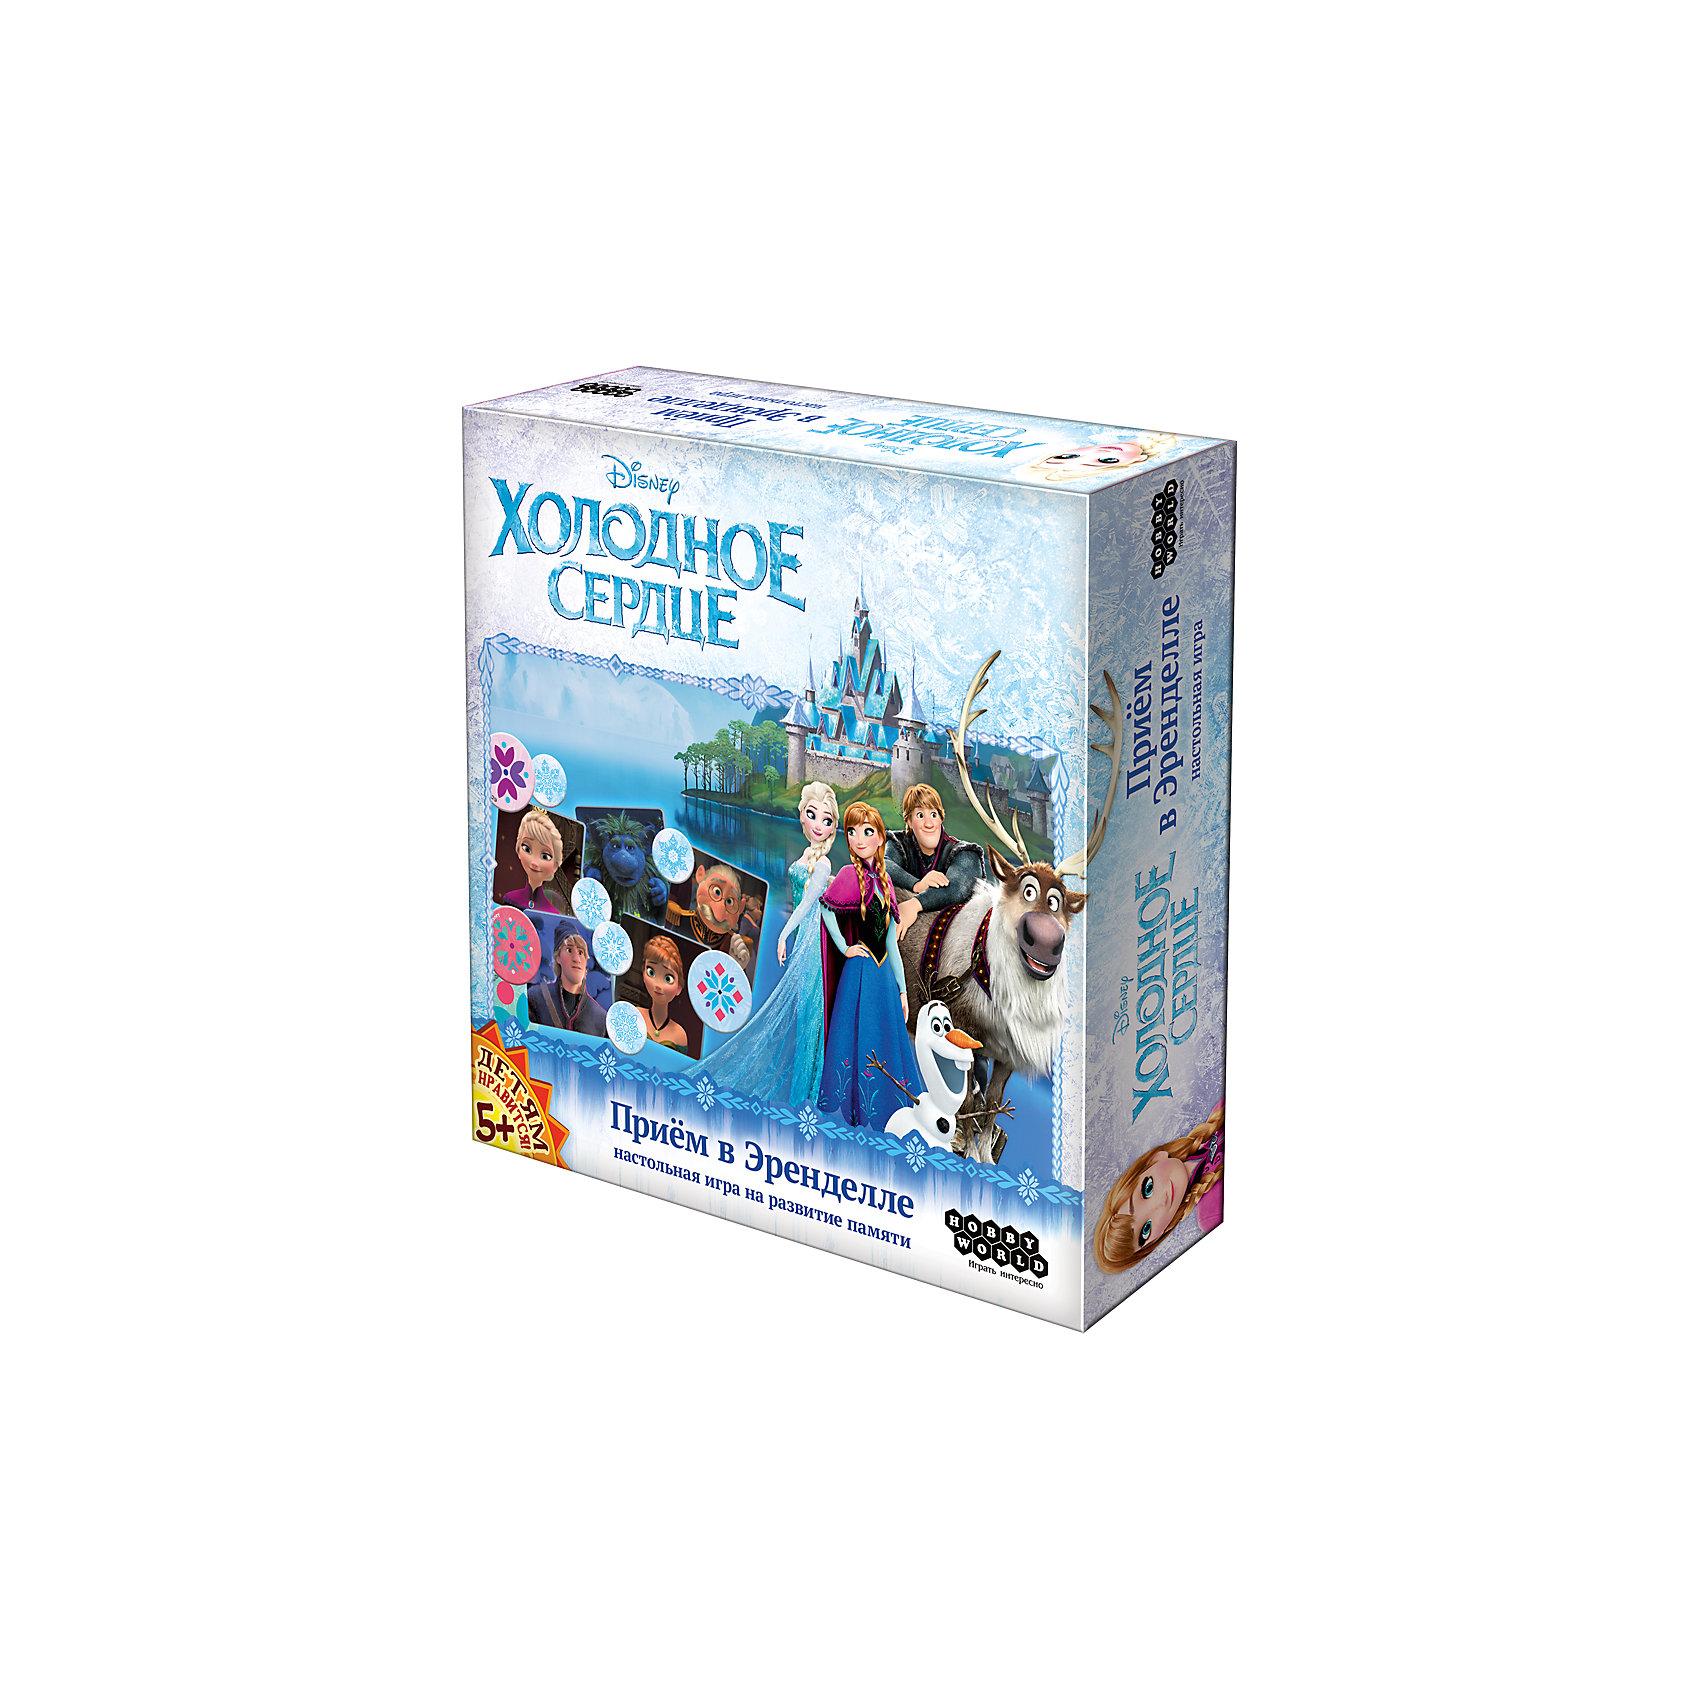 Игра Холодное Сердце: Прием в Эренделле,  Hobby WorldИгры для развлечений<br>Характеристики товара:<br><br>• возраст: от 5 лет;<br>• материал: картон;<br>• количество игроков: 2-5 человек;<br>• время игры: от 20 минут;<br>• в комплекте: 18 квадратов с персонажами, 5 планшетов, 10 жетонов игроков, 50 жетонов очков, правила игры;<br>• размер упаковки 20,5х20,5х4,5 см;<br>• вес упаковки 404 гр.;<br>• страна производитель: Россия.<br><br>Игра «Холодное сердце. Прием в Эренделле» Hobby World создана по мотивам известного мультфильма «Холодное сердце» про сестер Эльзу и Анну. В начале игры каждый игрок получает планшет с персонажами и 2 жетона. Отбираются 9 квадратов, на которых изображены эти персонажи. <br><br>Квадраты переворачиваются картинками вниз, перемешиваются, открываются 6 из них, дети их запоминают. Карты опять переворачиваются, затем открываются 5 из них. Во время игры каждый игрок на своем планшете отмечает того персонажа, который спрятан под закрытой картой. За каждого угаданного выдаются жетоны. Игра тренирует у детей память, сообразительность.<br><br>Игру «Холодное сердце. Прием в Эренделле» Hobby World можно приобрести в нашем интернет-магазине.<br><br>Ширина мм: 205<br>Глубина мм: 205<br>Высота мм: 45<br>Вес г: 404<br>Возраст от месяцев: 60<br>Возраст до месяцев: 2147483647<br>Пол: Унисекс<br>Возраст: Детский<br>SKU: 5597235